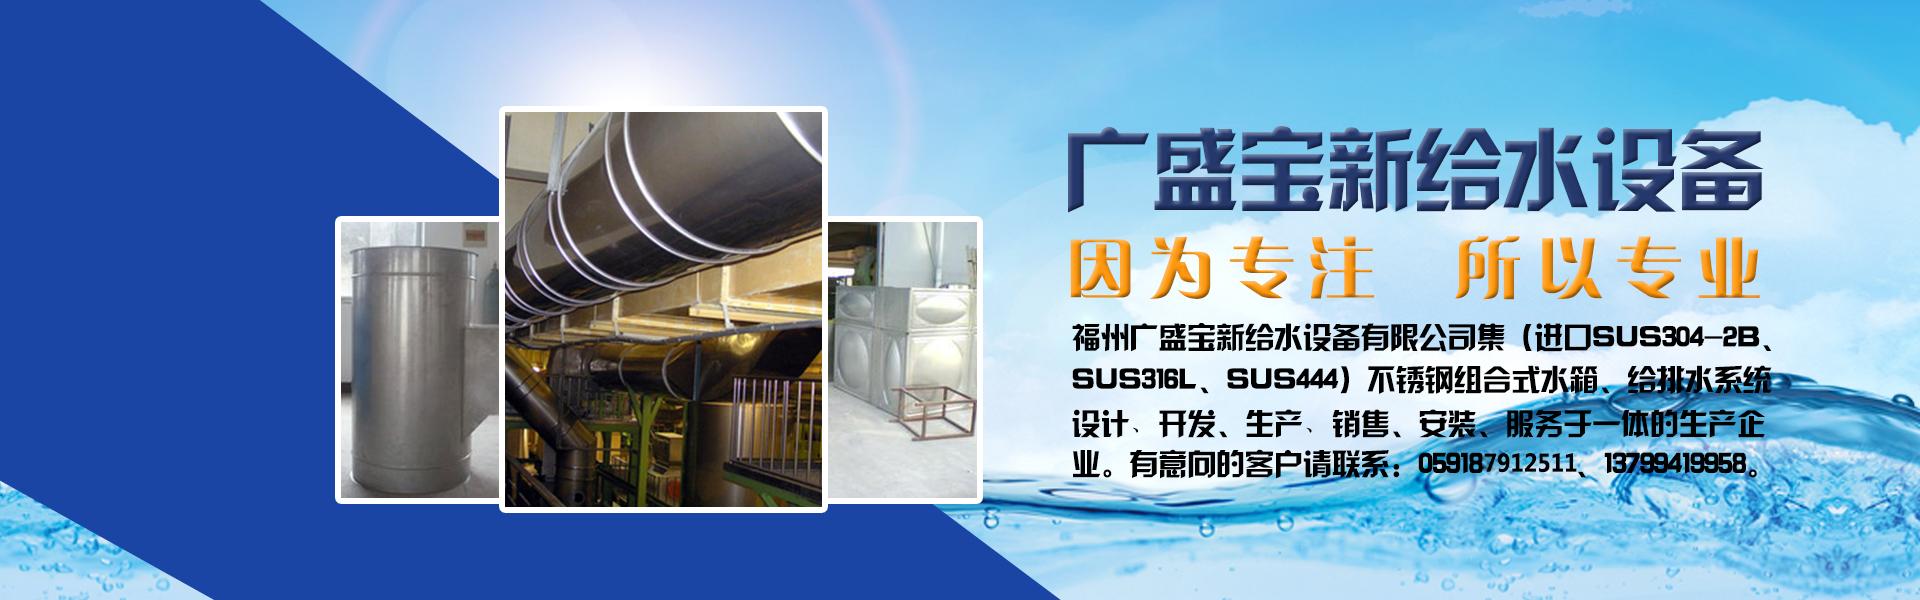 福州广盛宝新给水设备有限公司